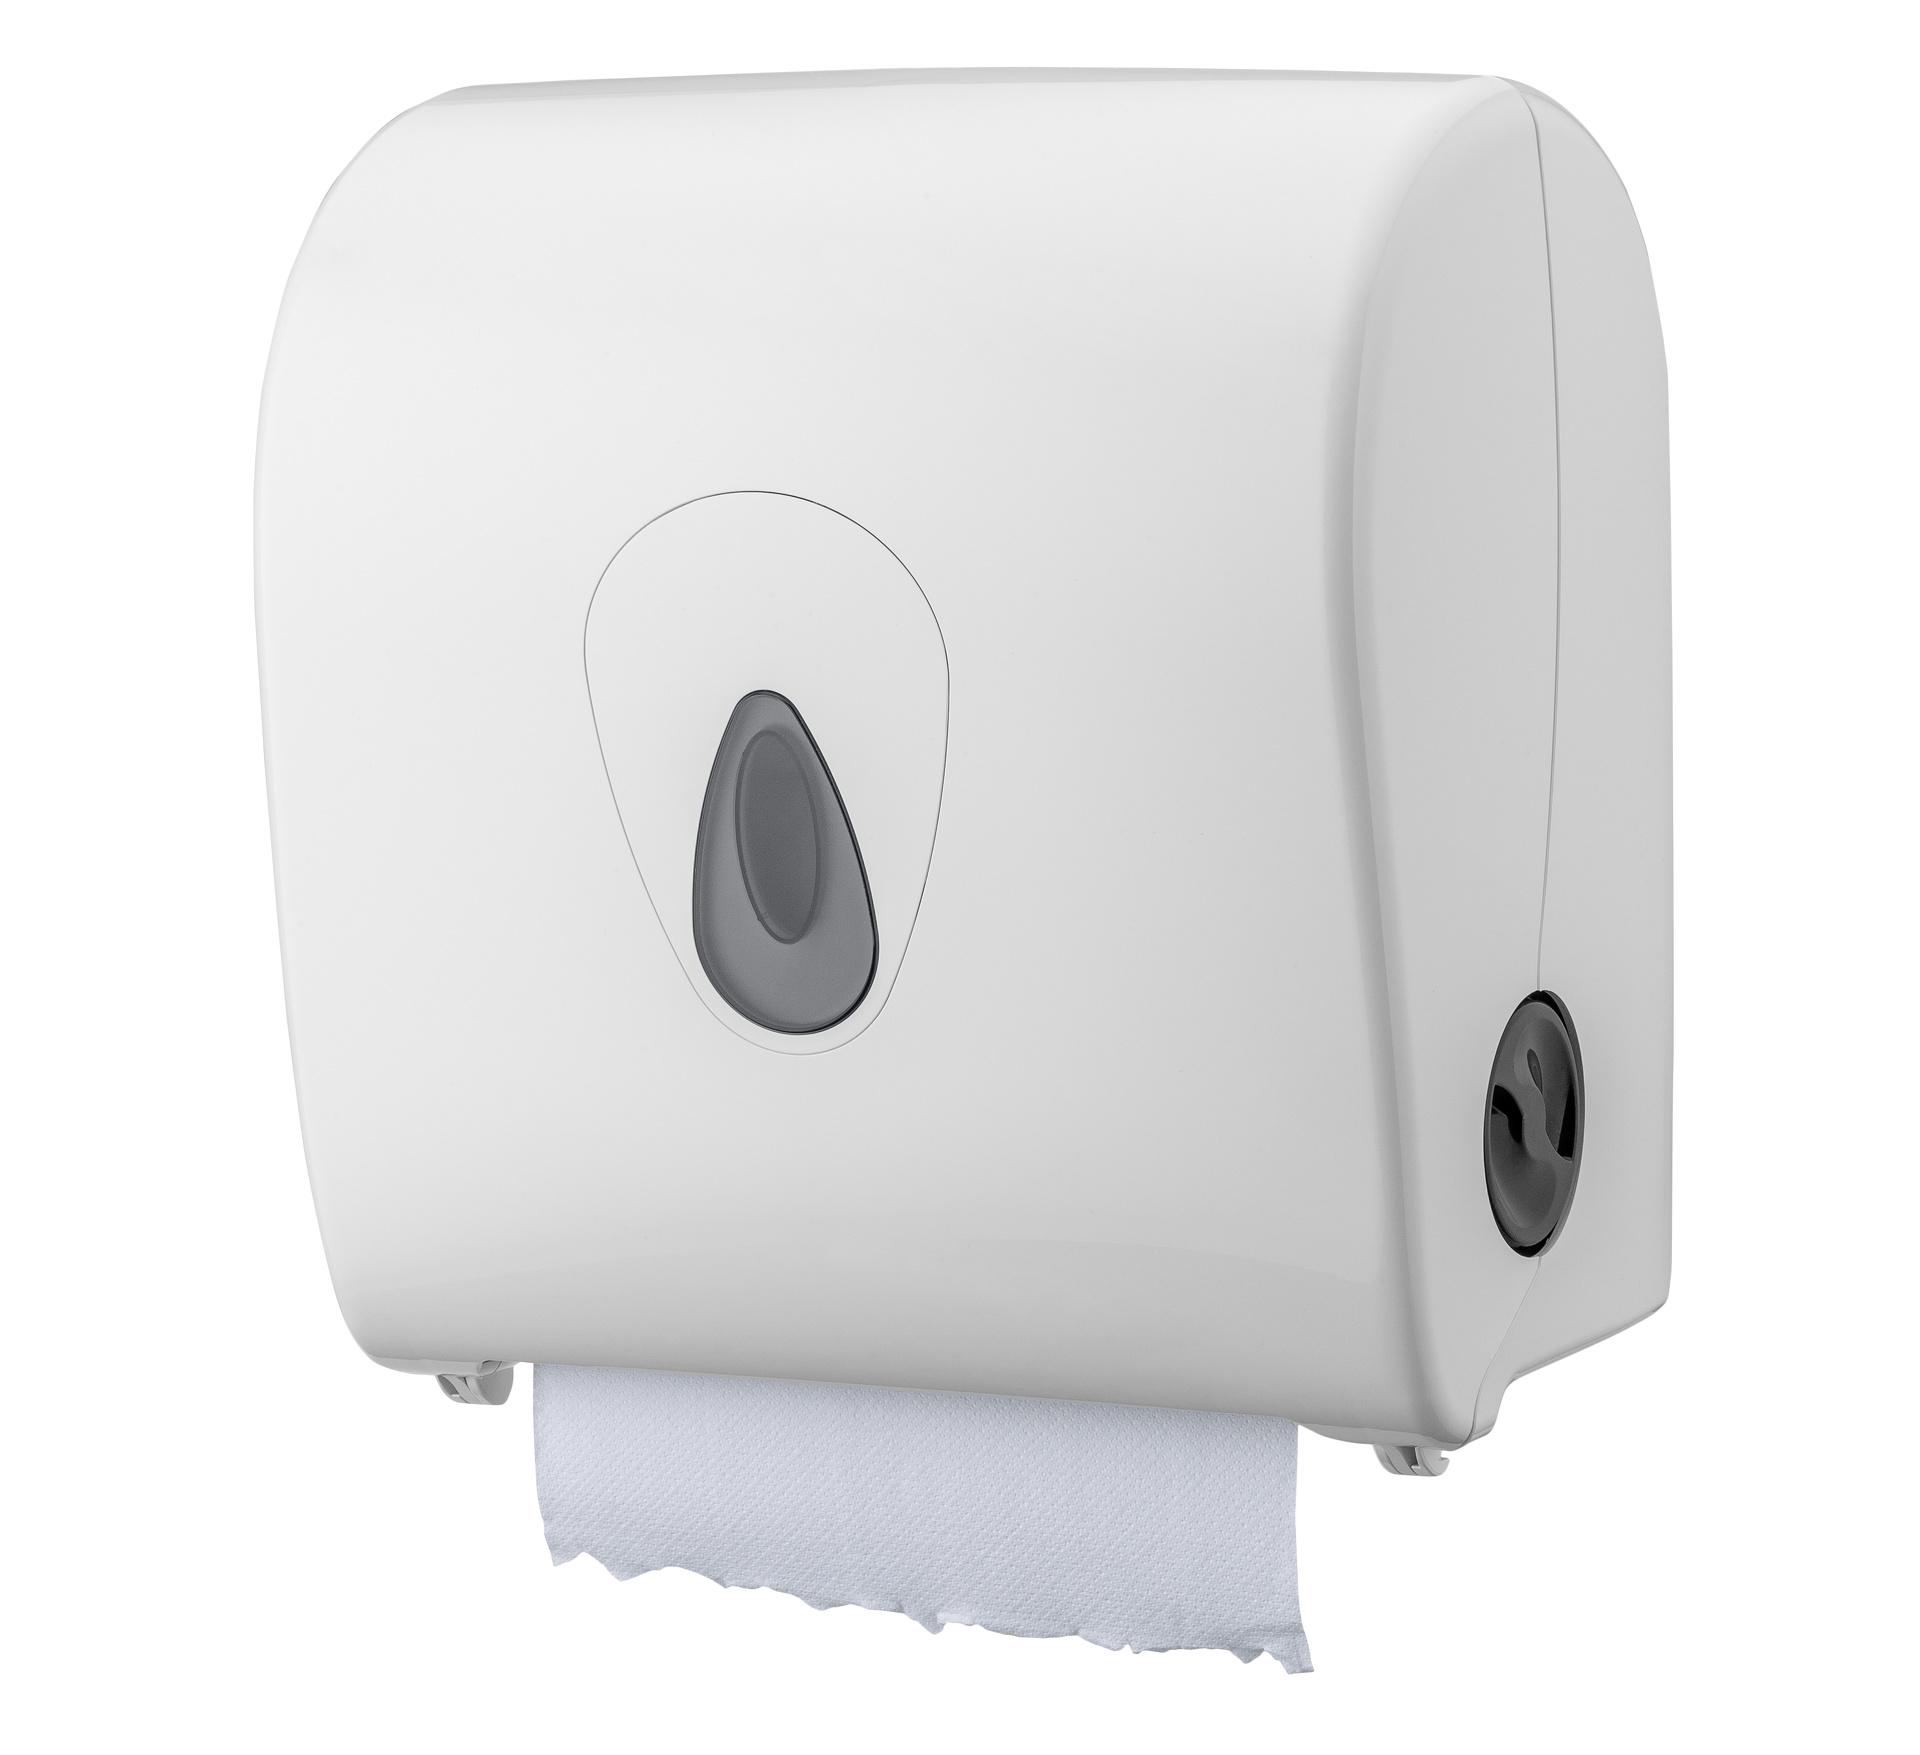 Handtuchrollenspender Autocut, Außenabrollung, weiß, 33 x 31 x 21 cm